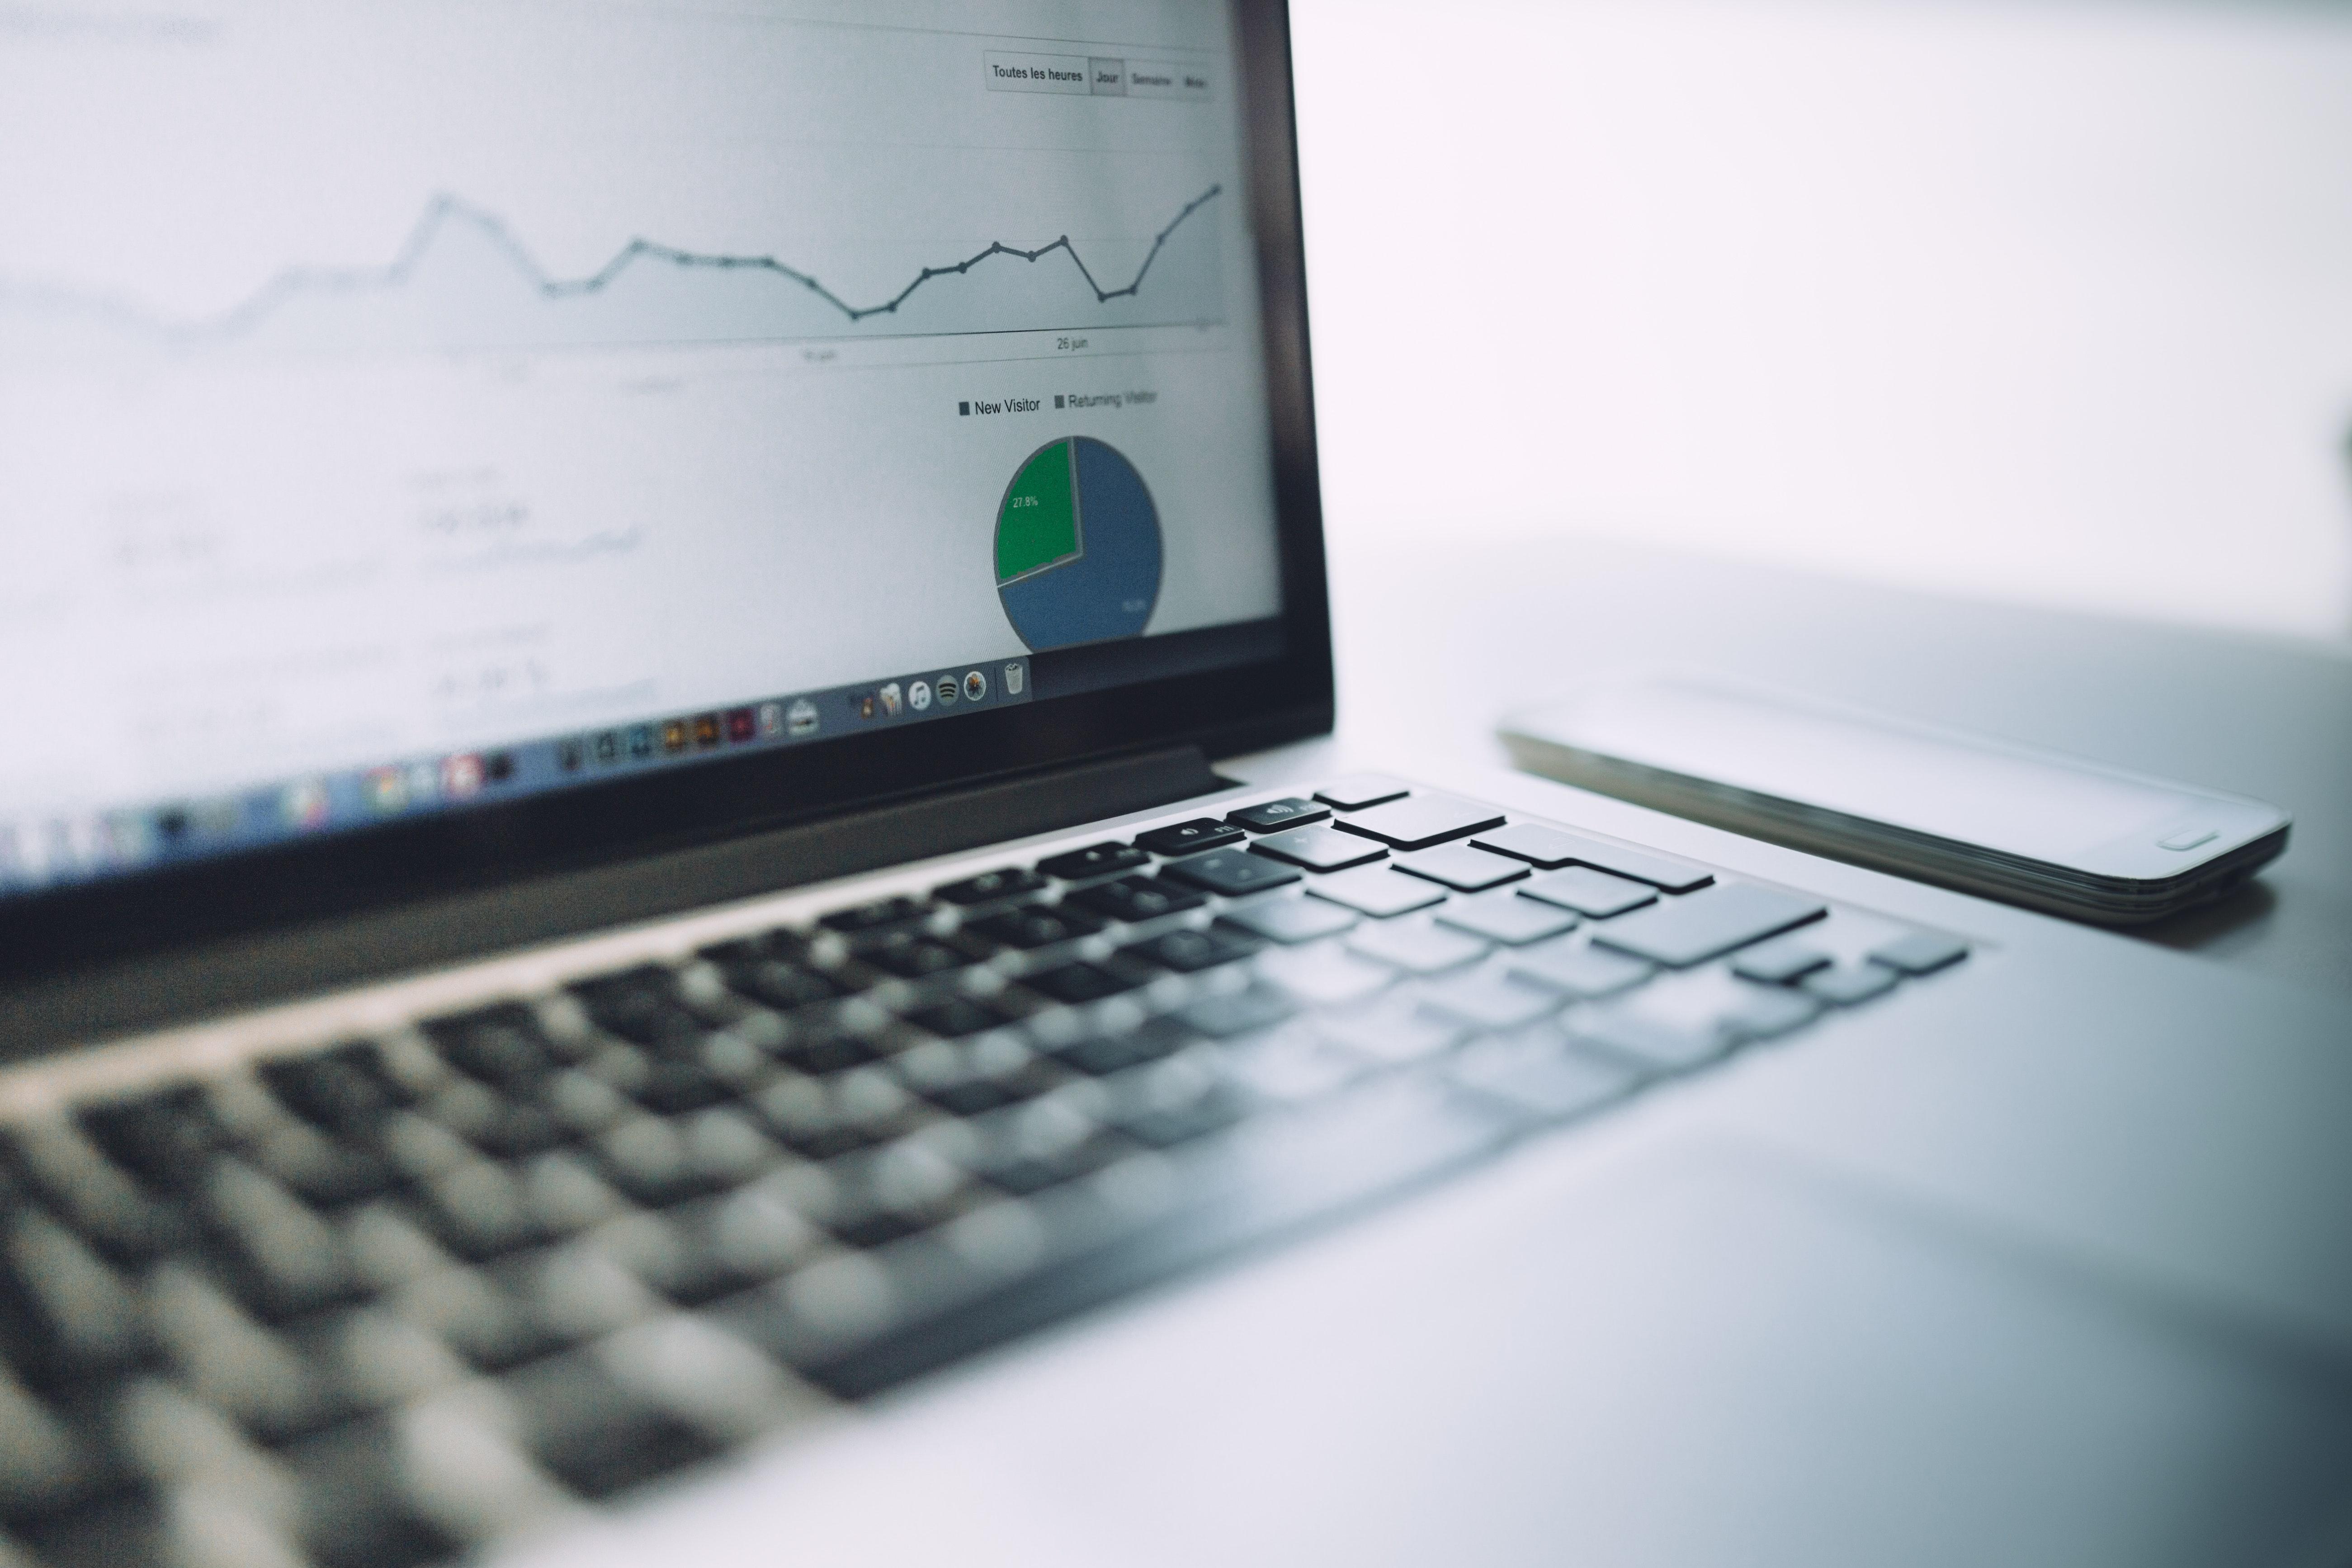 Salesforce Shopping Index mostra come con il lockdown gli acquisti onlinesiano aumentati